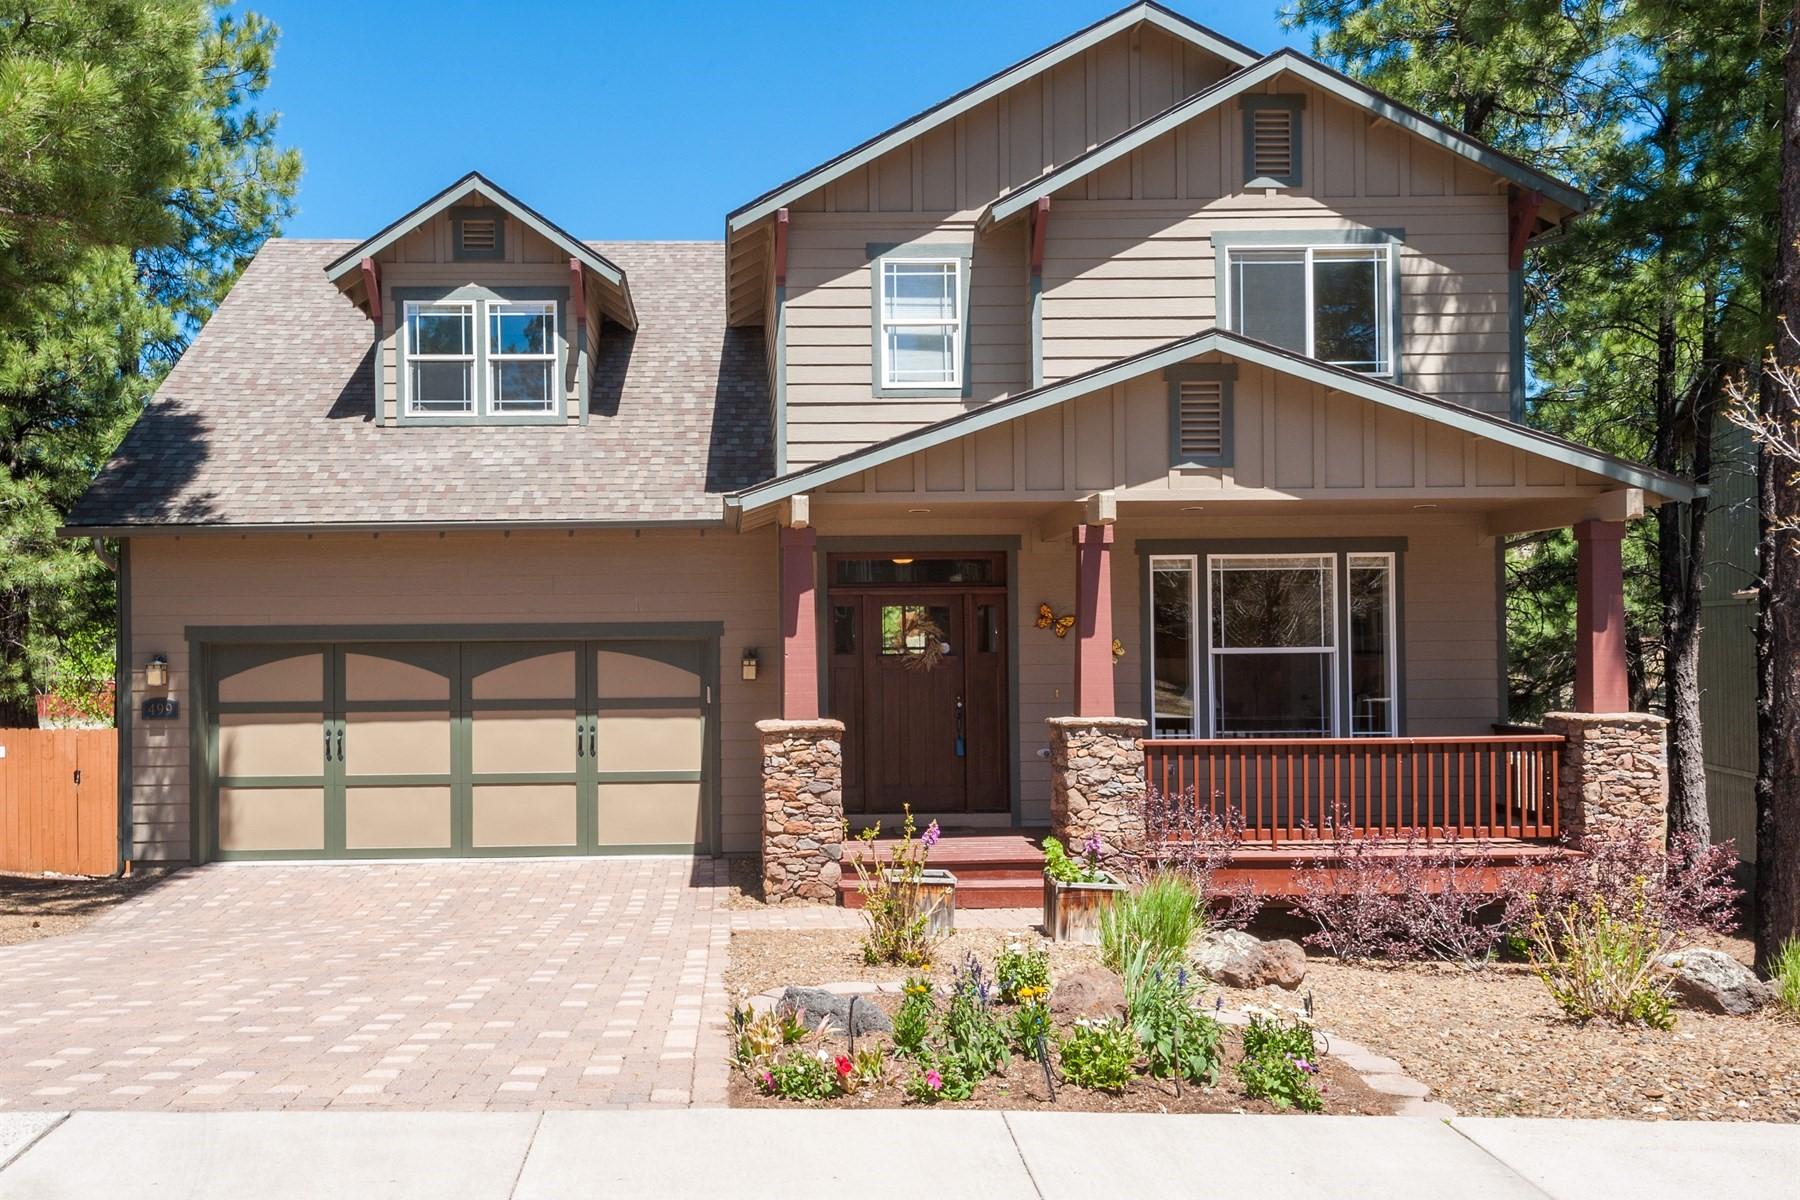 Villa per Vendita alle ore Craftsman inspired home in Ponderosa Trails 499 W Wulfenite Rd Flagstaff, Arizona, 86005 Stati Uniti